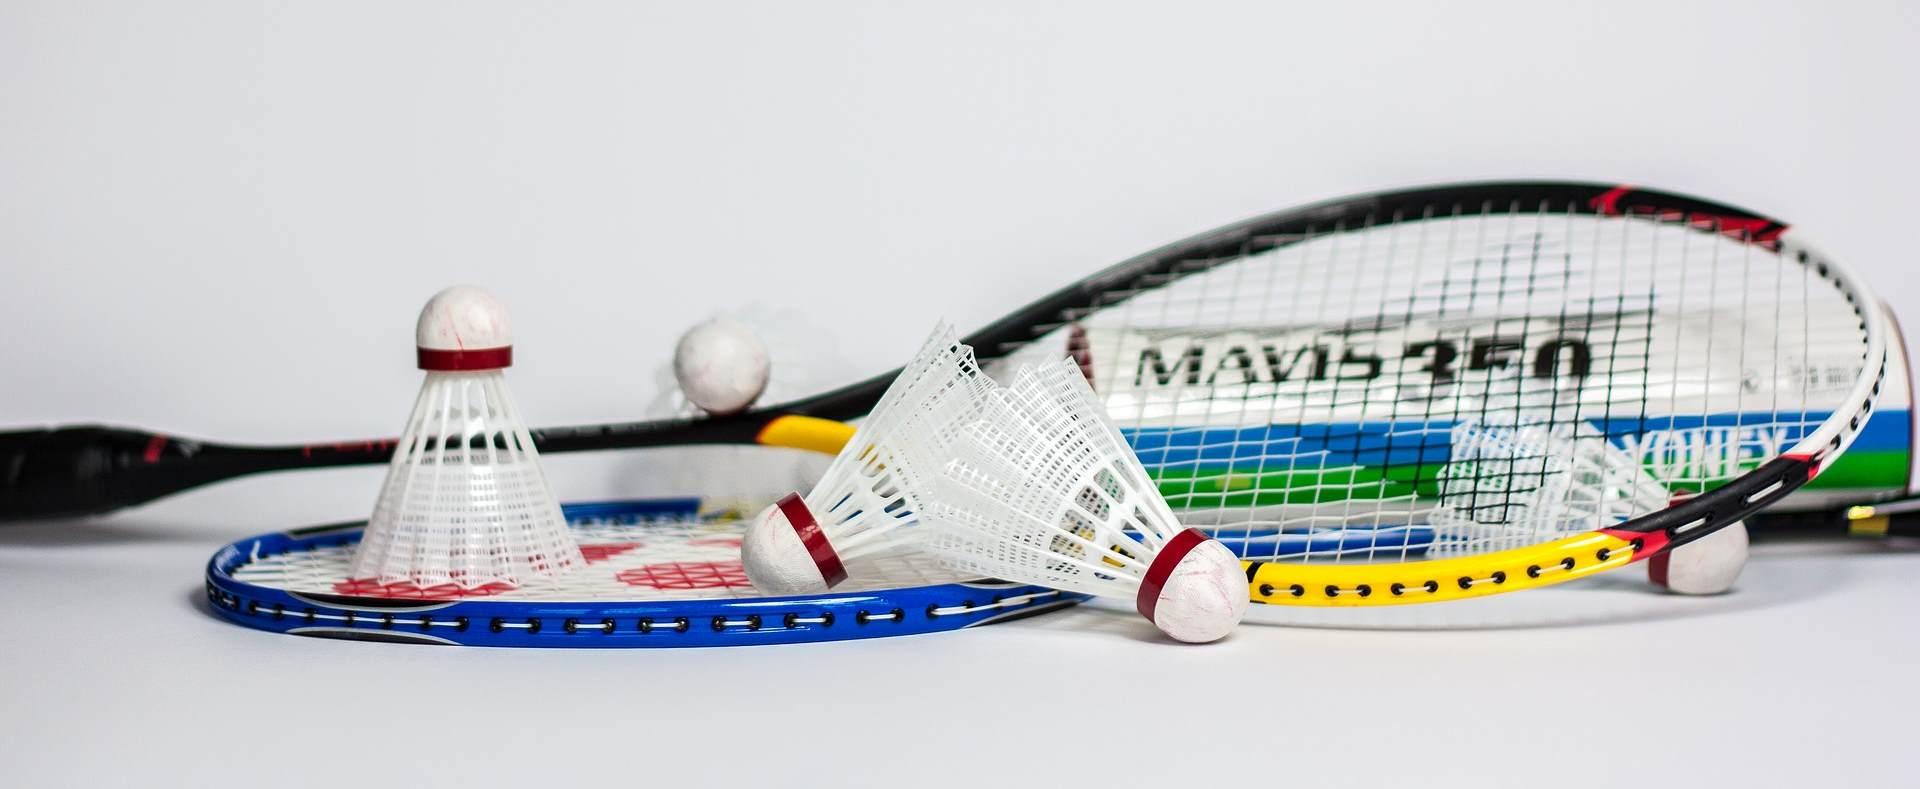 badminton regeln und anleitung